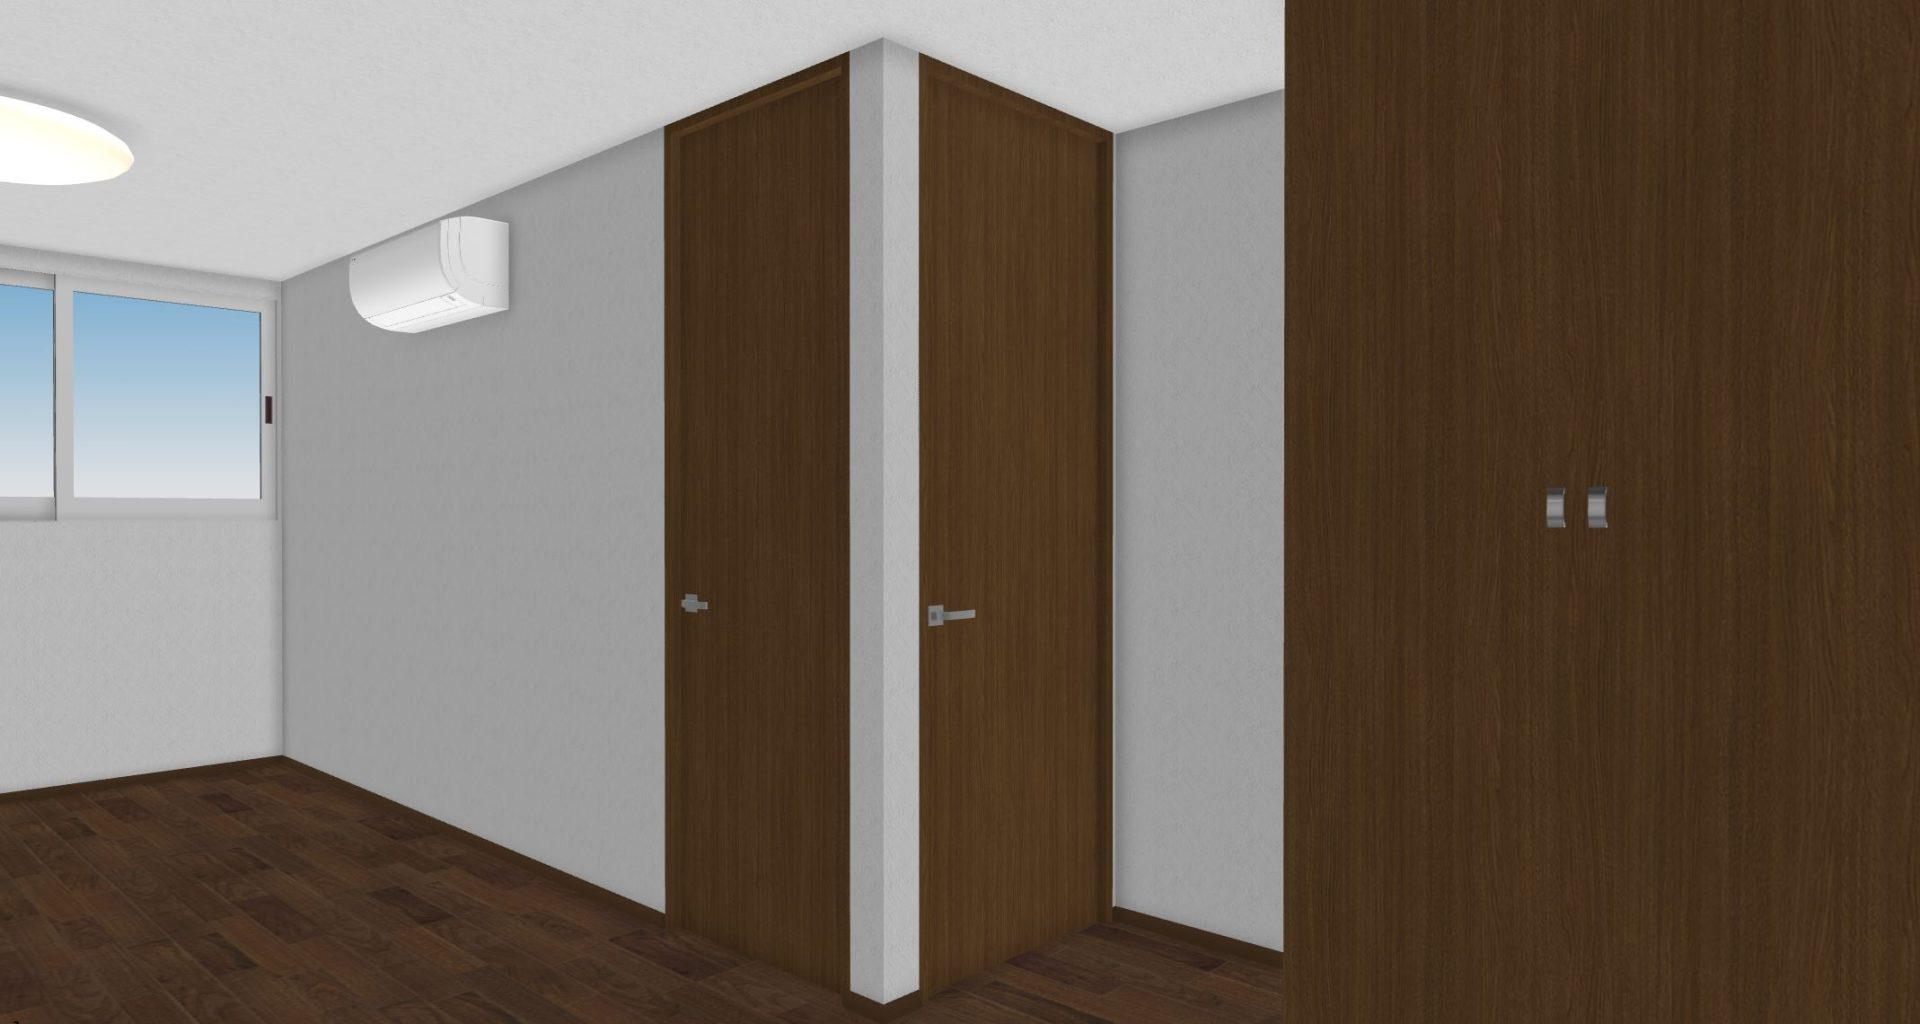 部屋を分ける前提のため扉が2つある